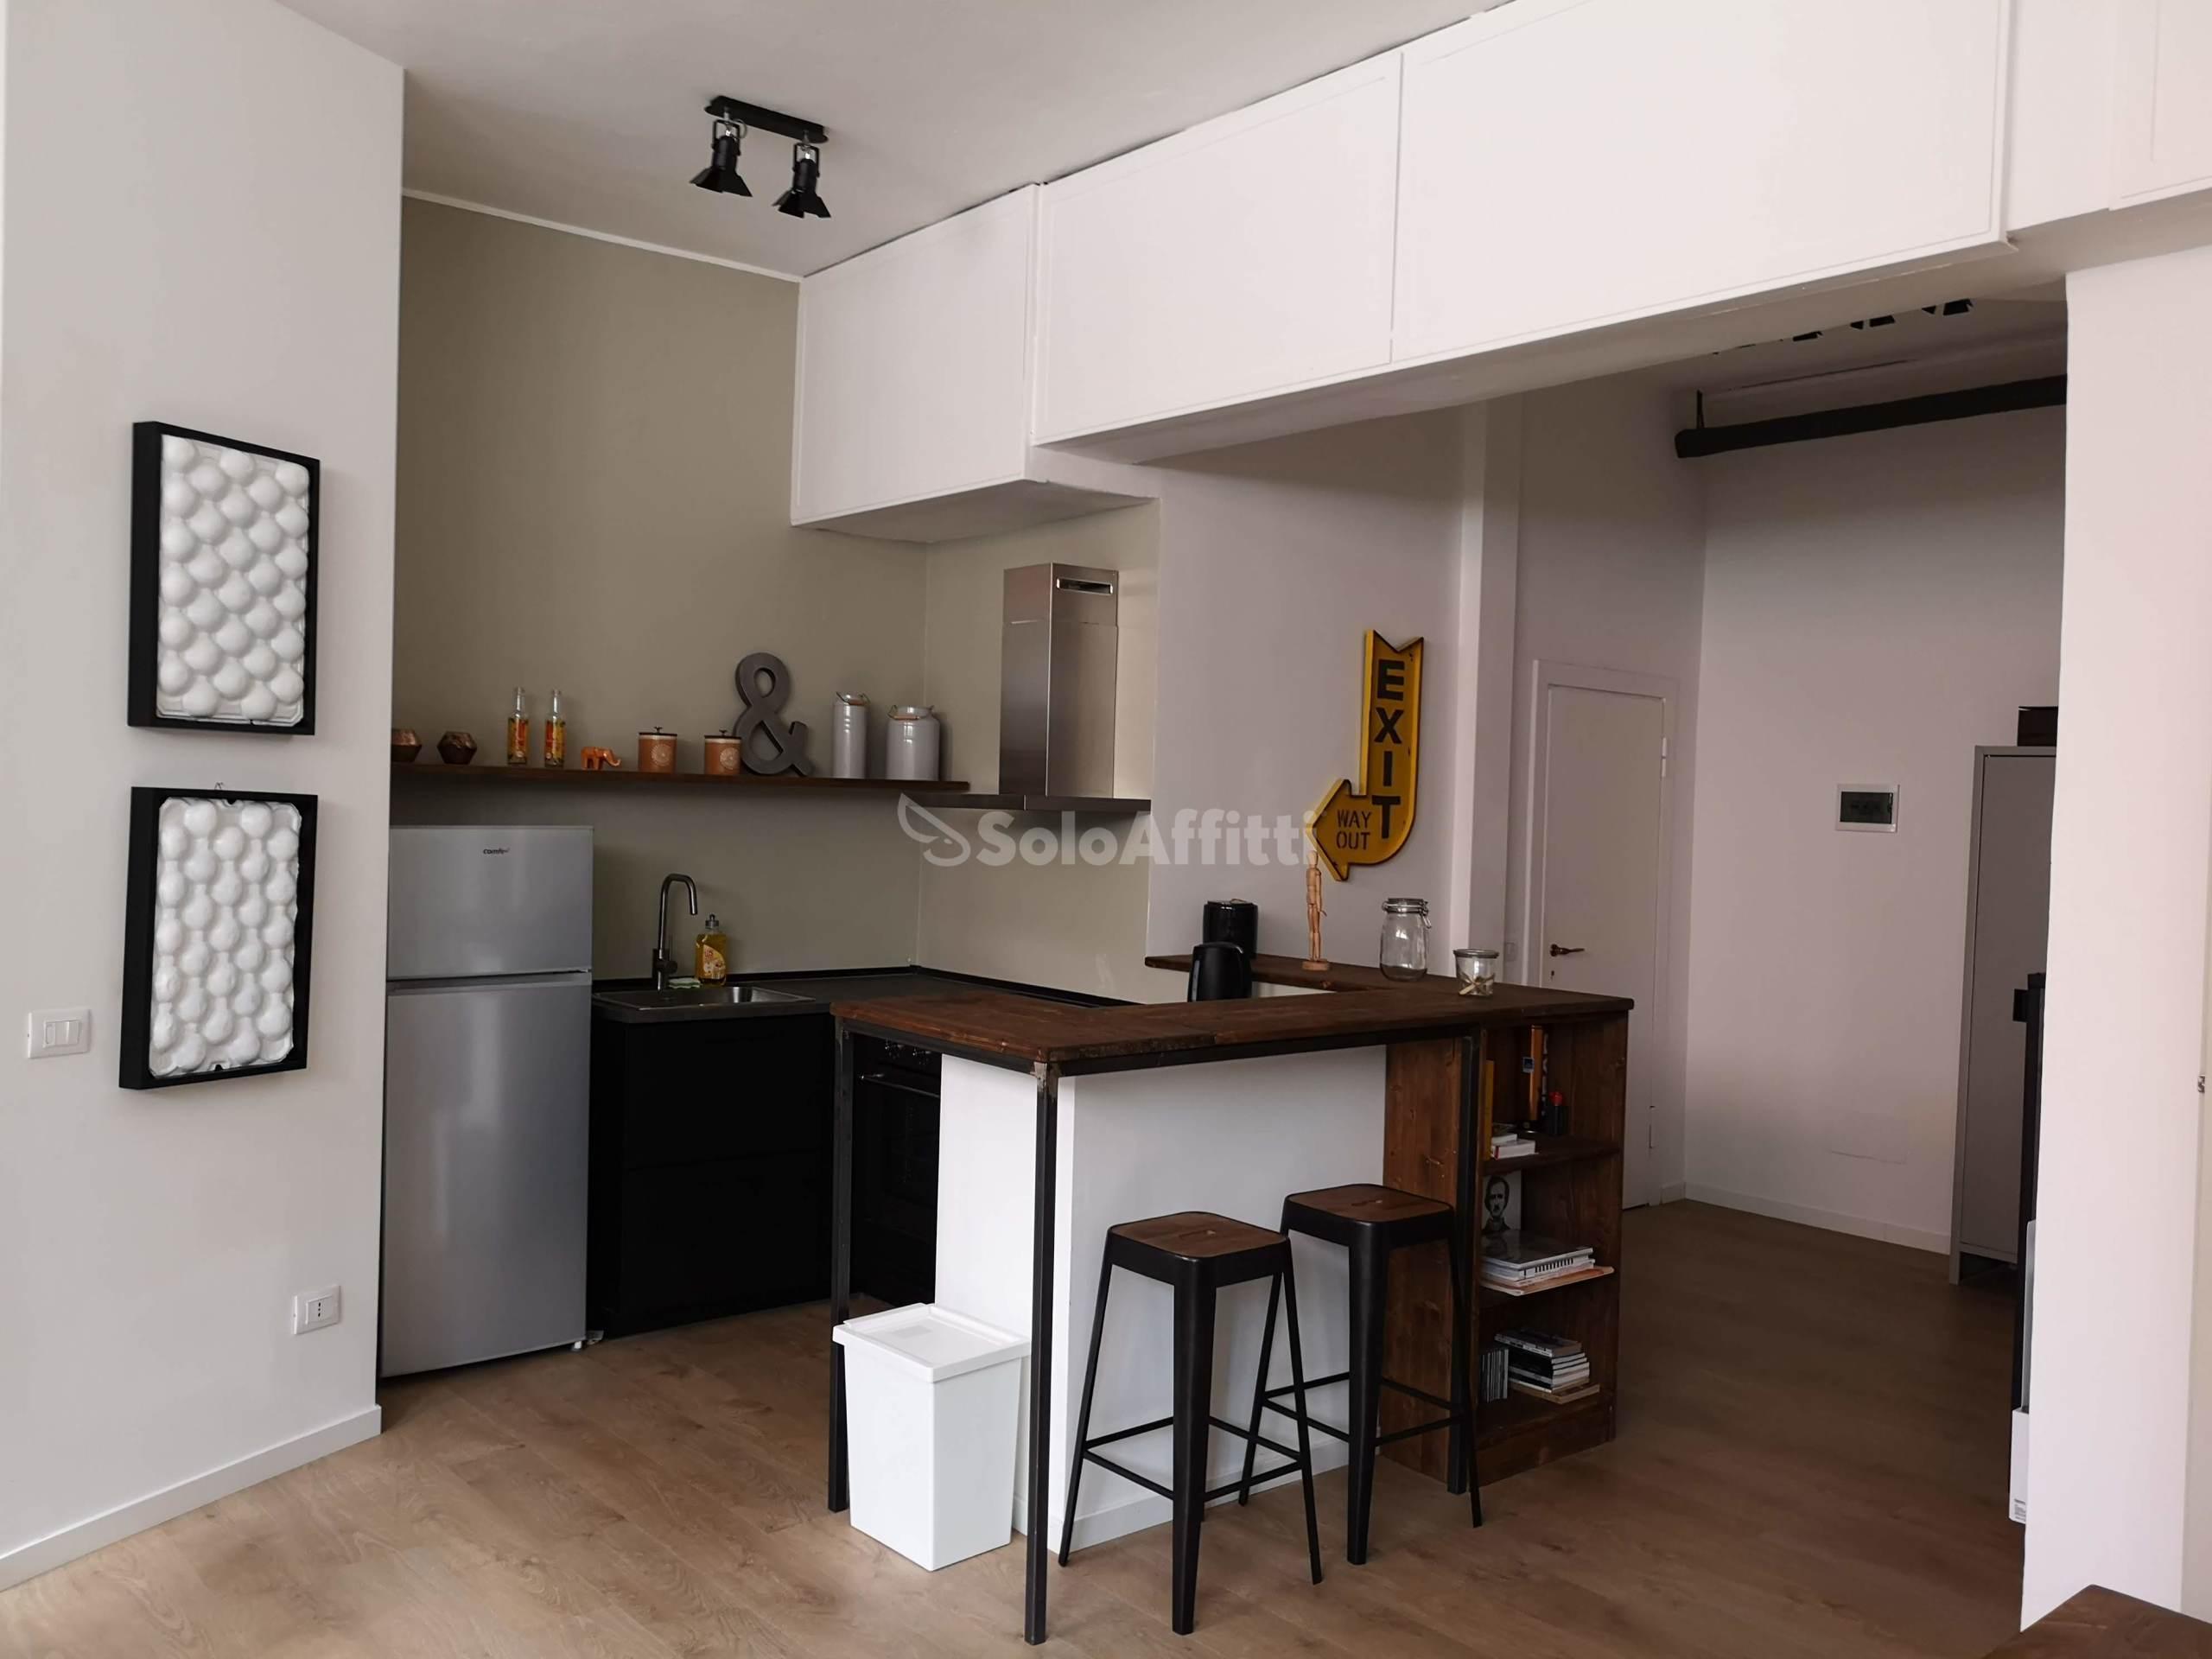 Appartamento Loft Arredato 60 mq.